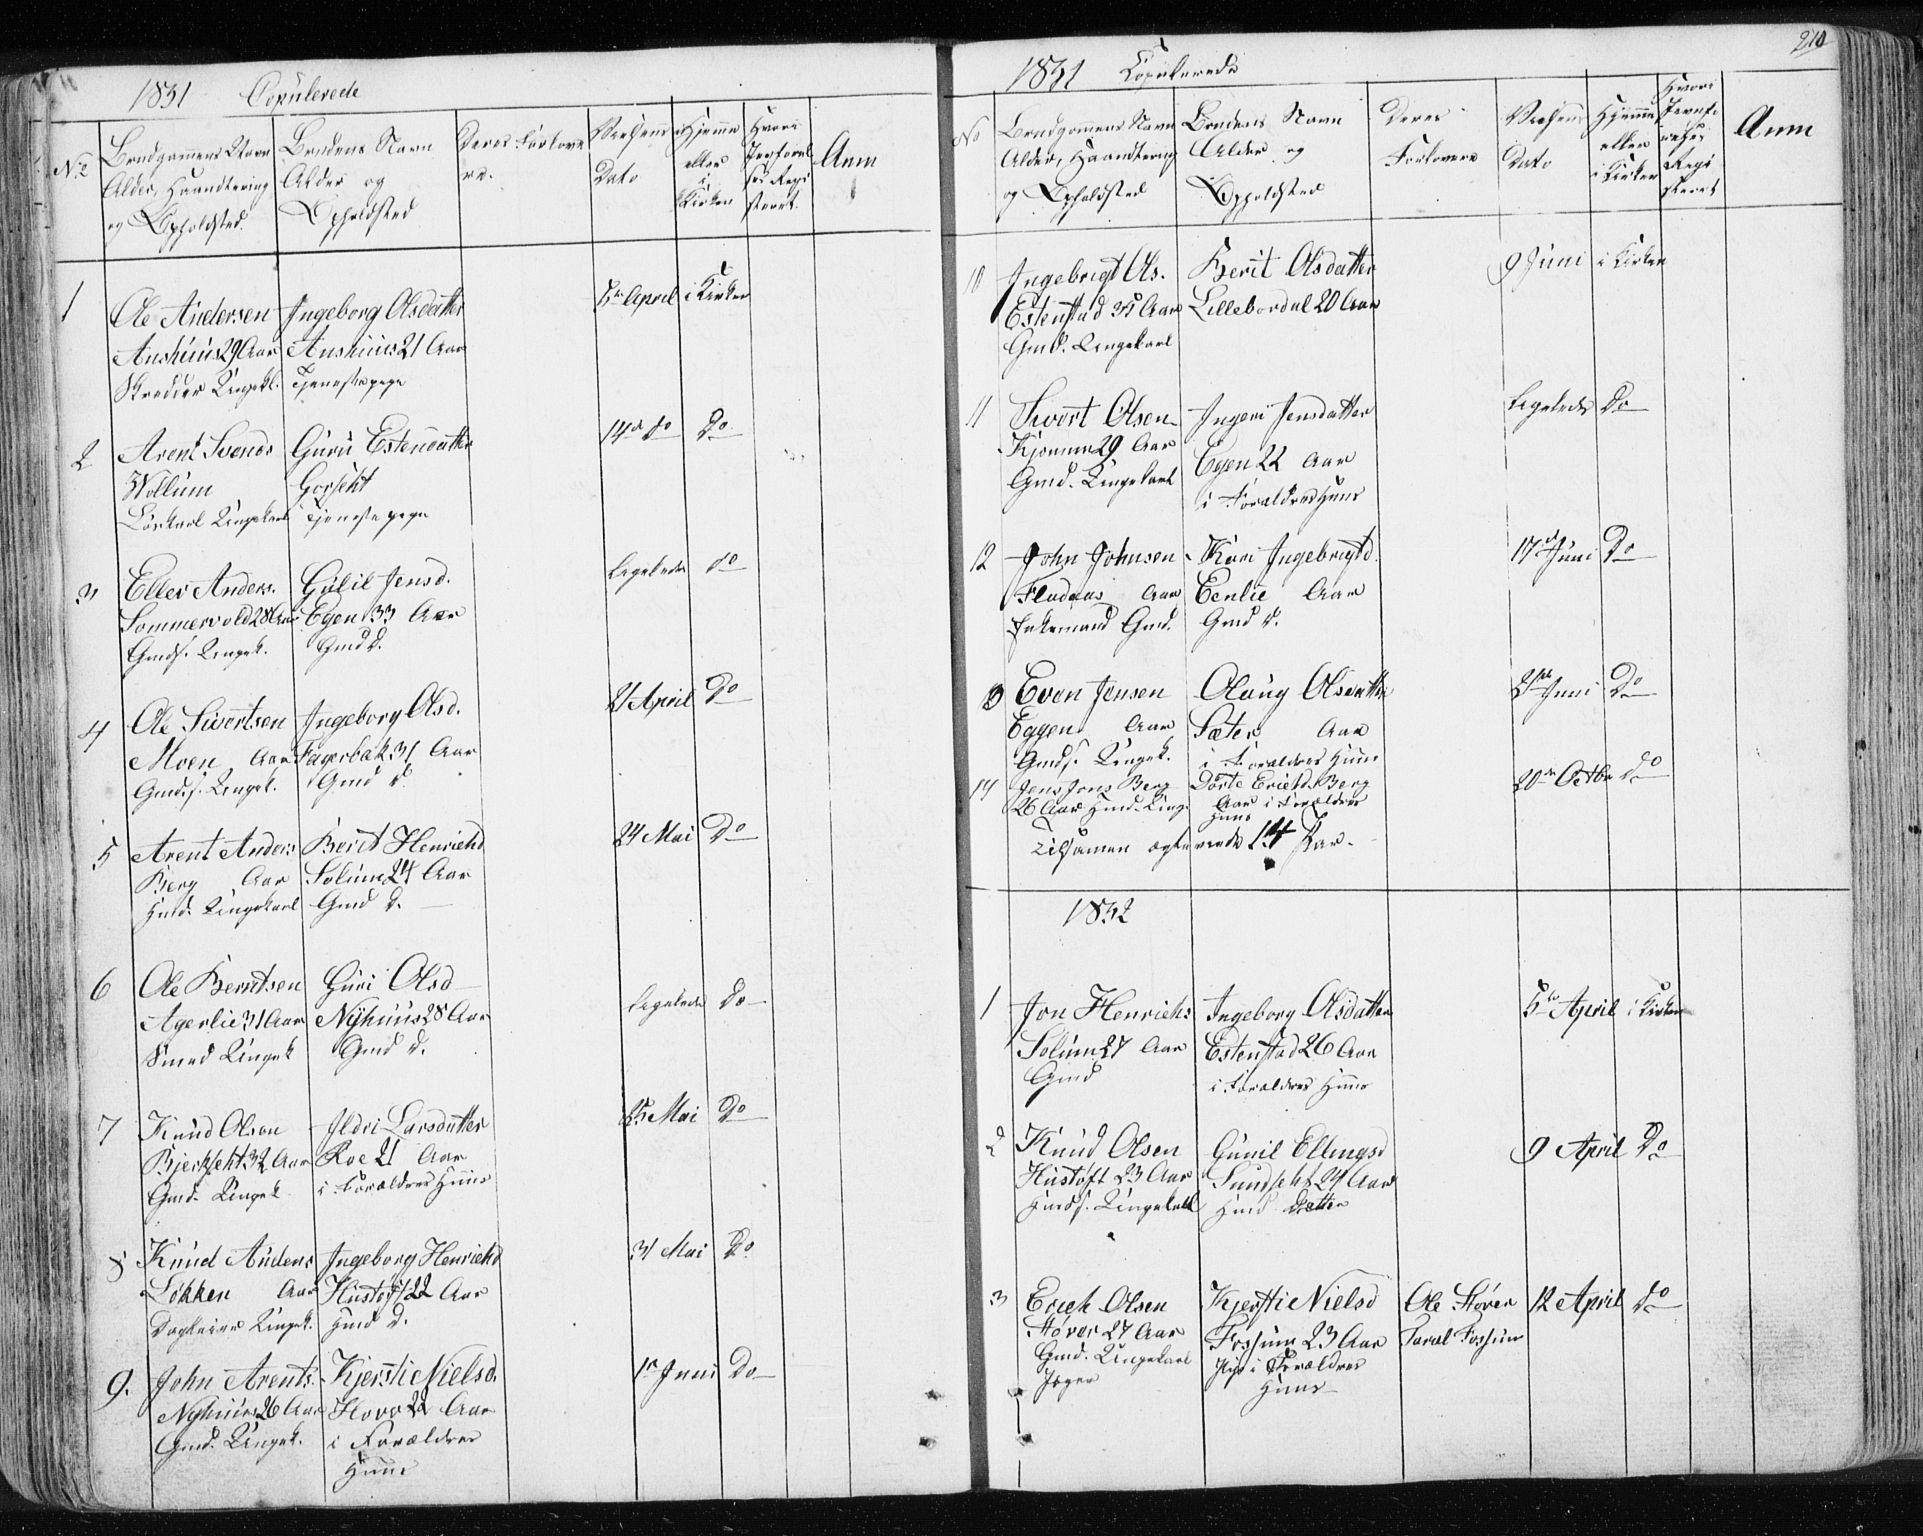 SAT, Ministerialprotokoller, klokkerbøker og fødselsregistre - Sør-Trøndelag, 689/L1043: Klokkerbok nr. 689C02, 1816-1892, s. 210